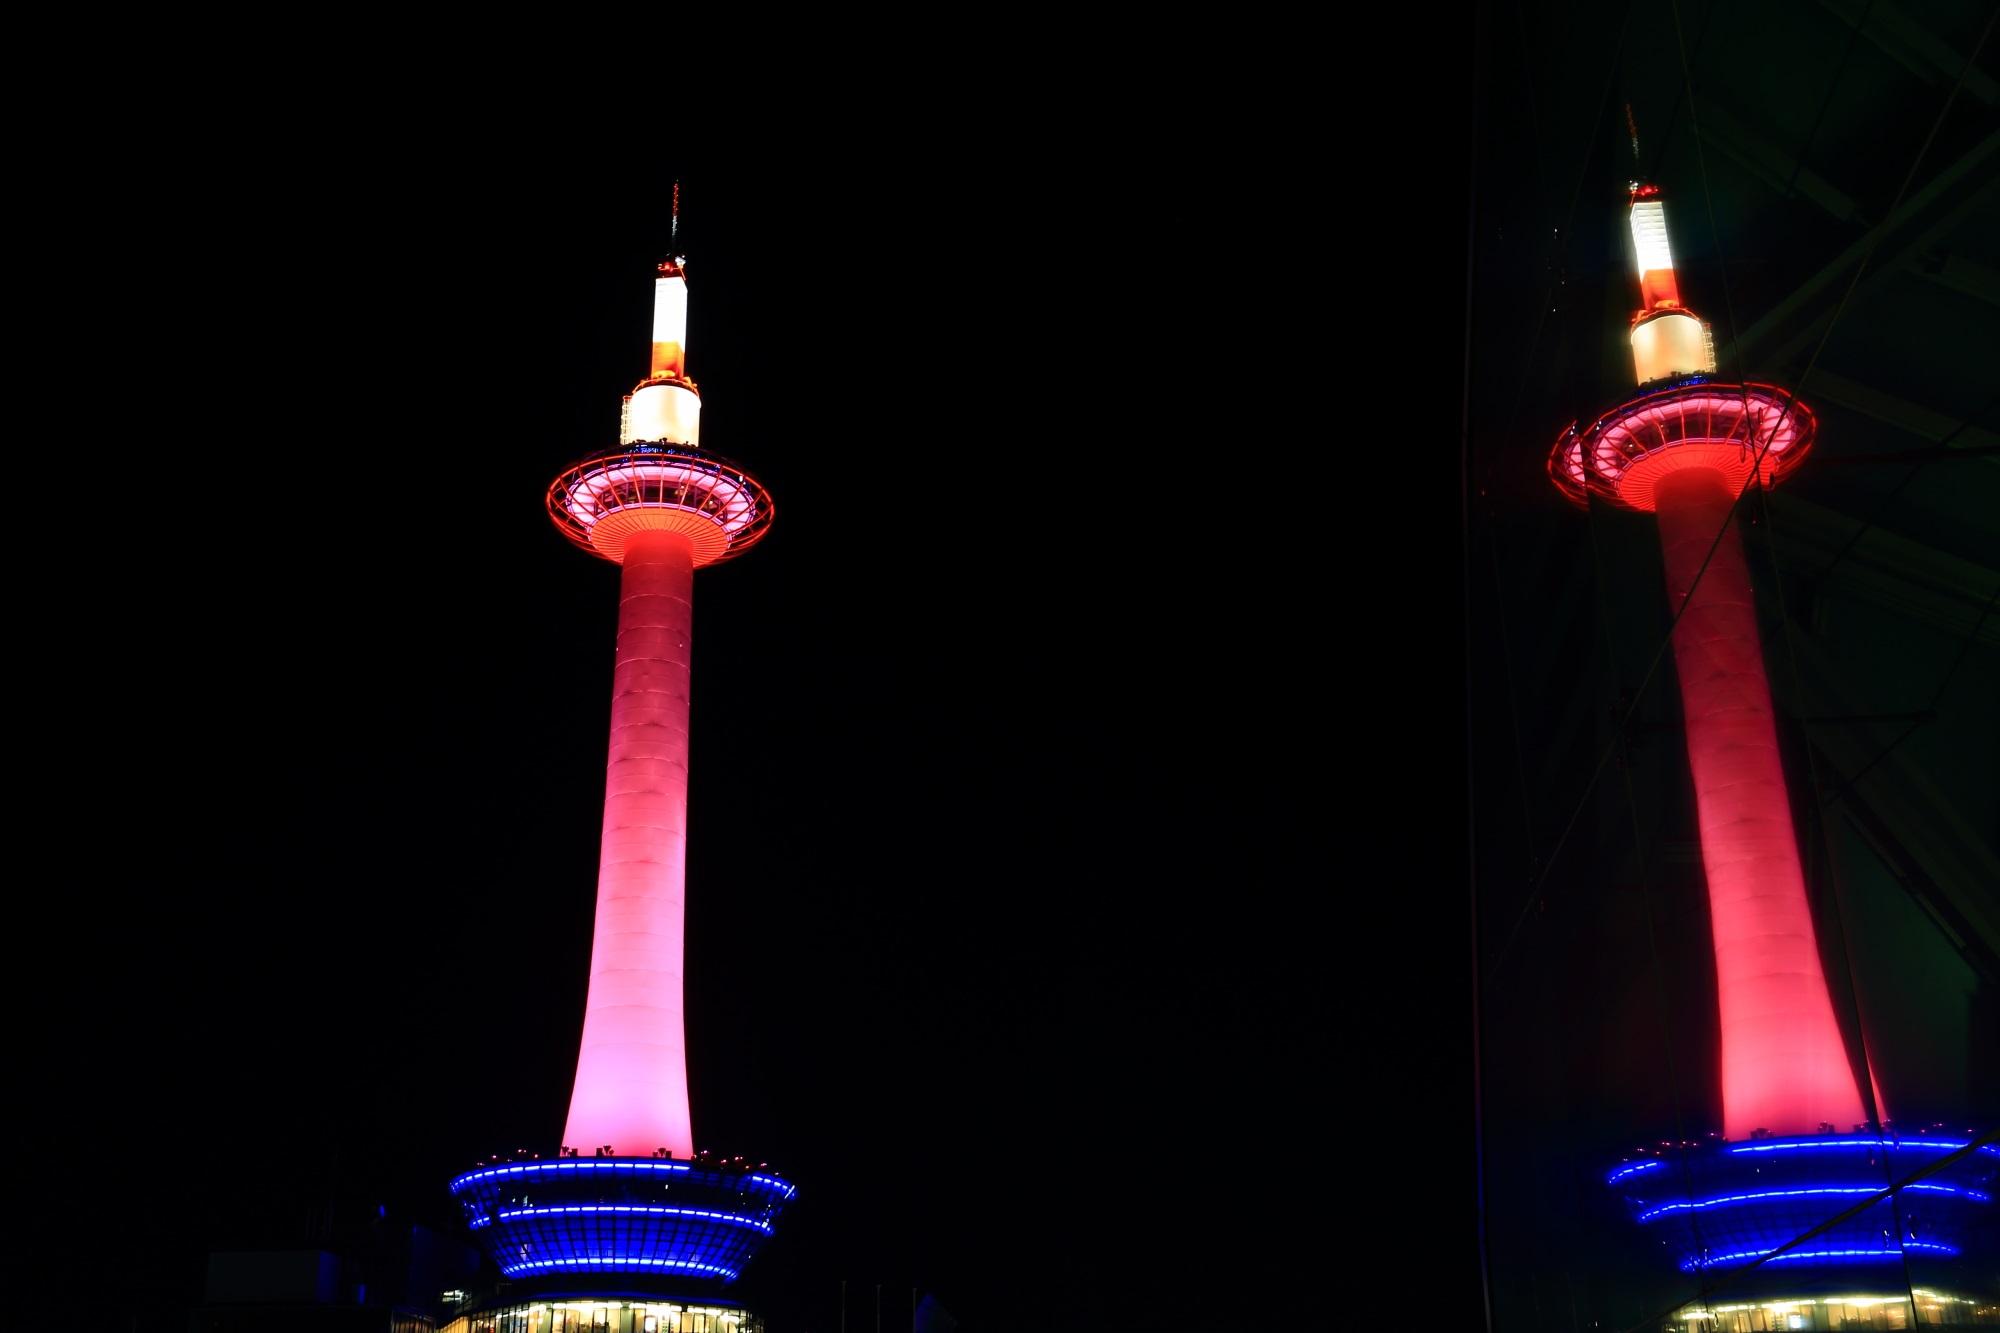 駅ビルから眺めたピンクのタワー